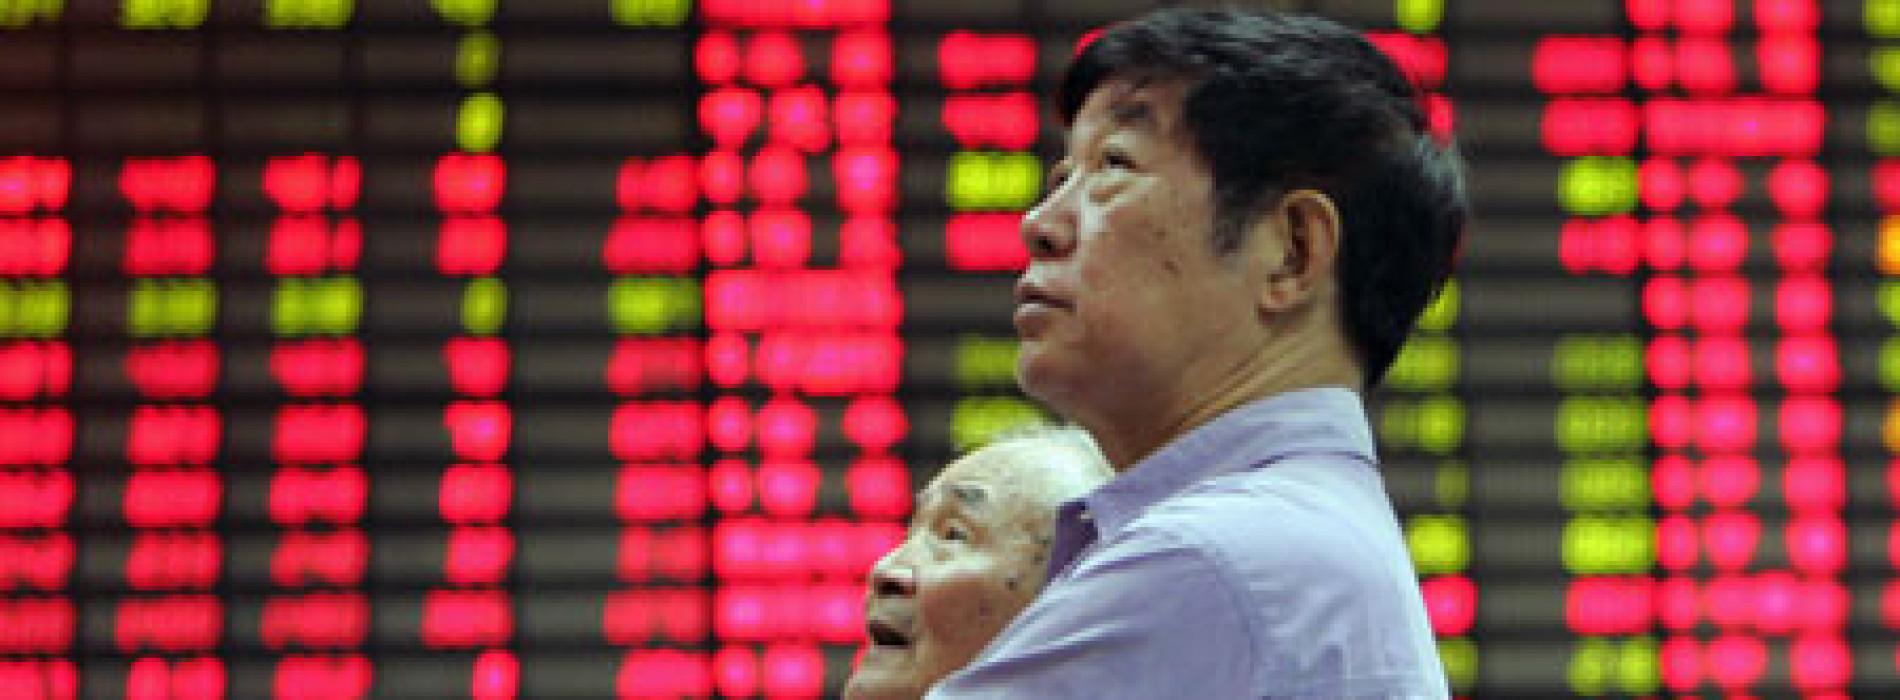 Poranny komentarz giełdowy – słabe dane z Japonii